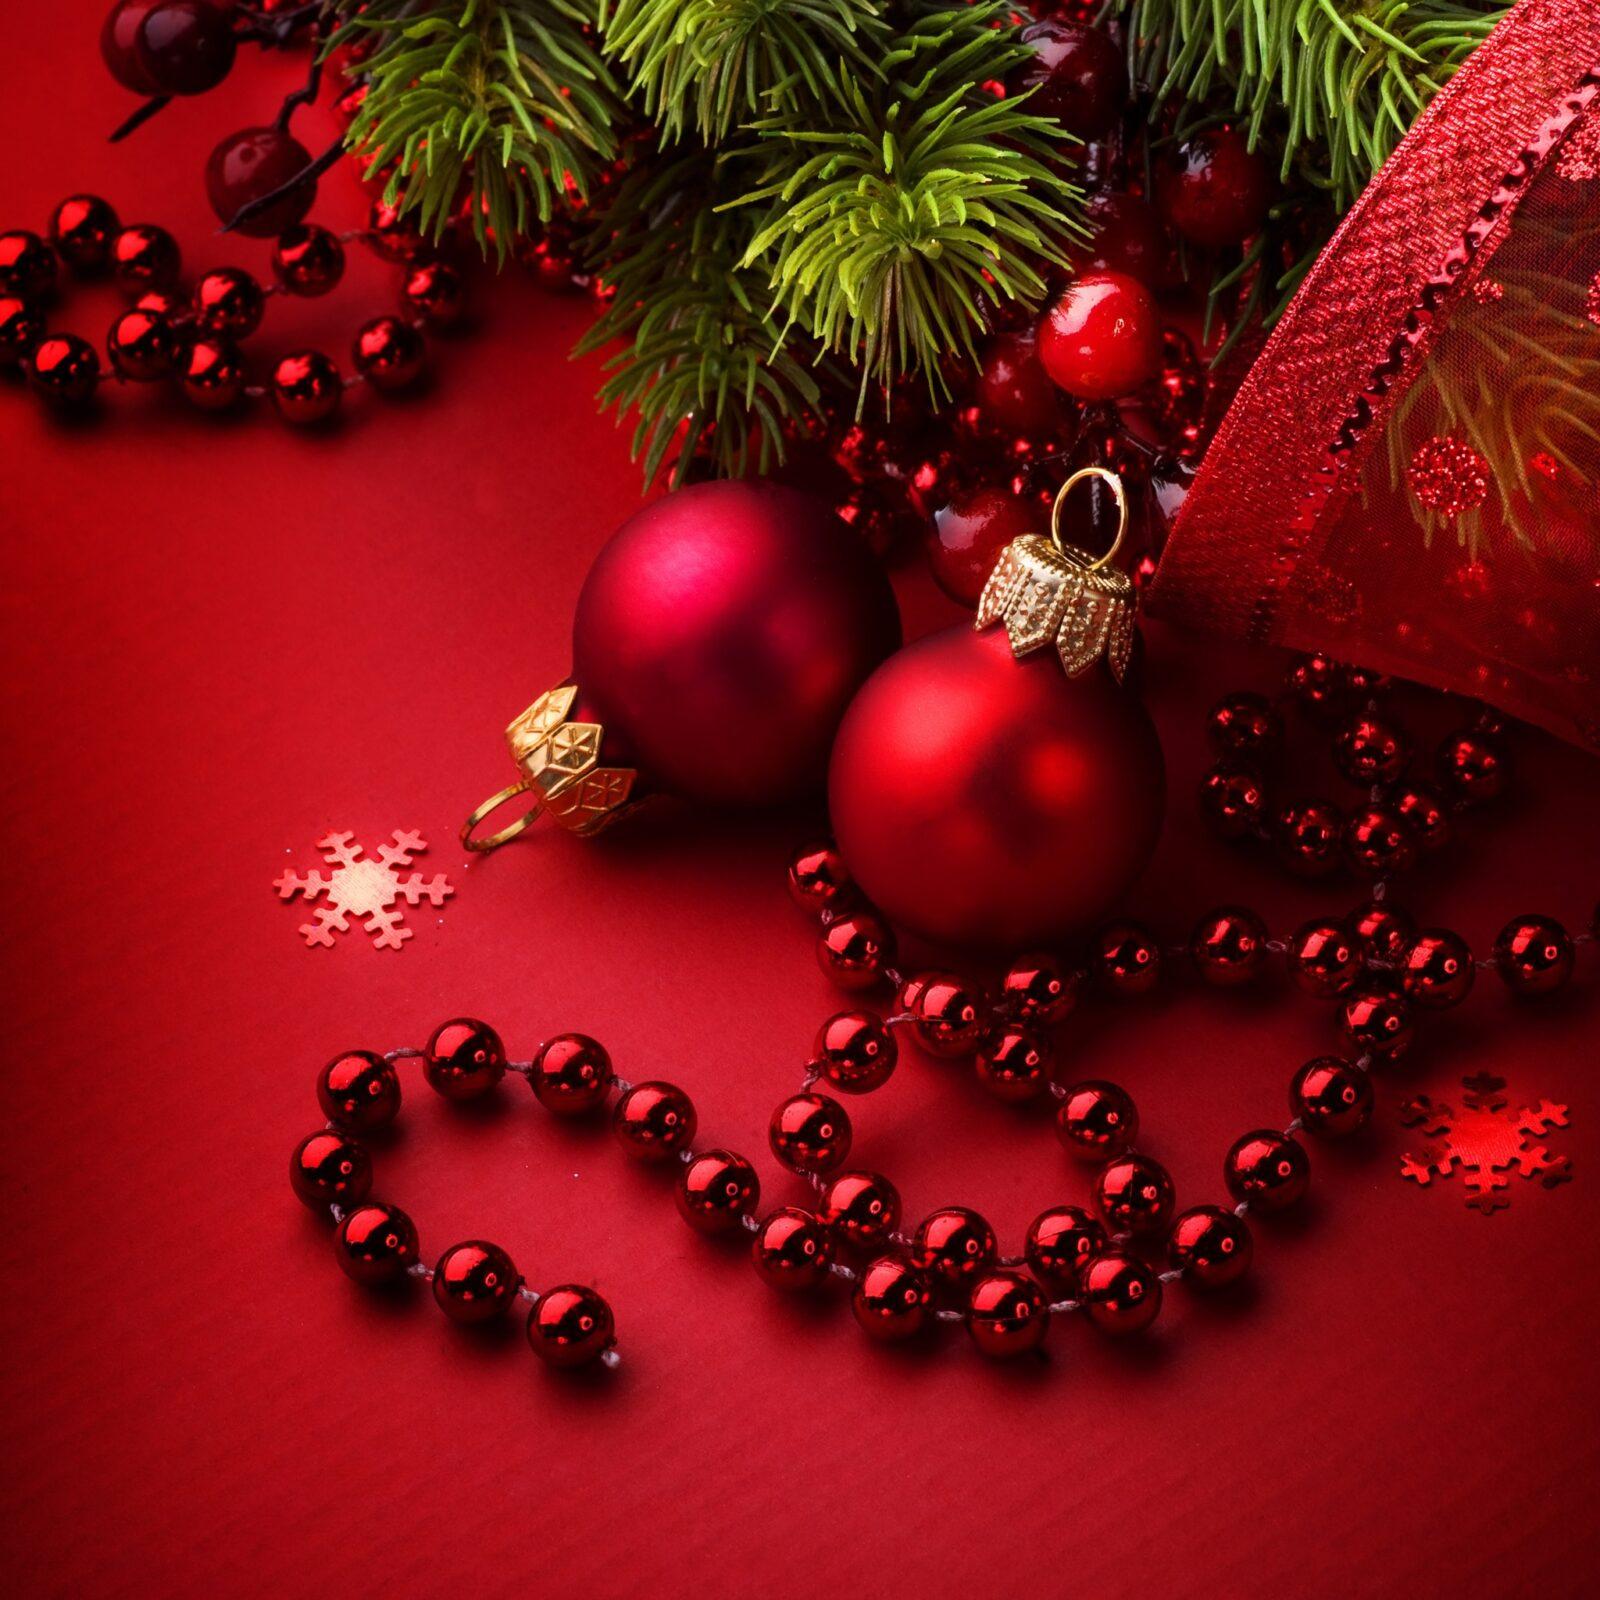 Sfondi Natalizi Mac.Sfondi Buon Natale Ipad 3 4 Retina Display 2012 2013 12 Maccanismi